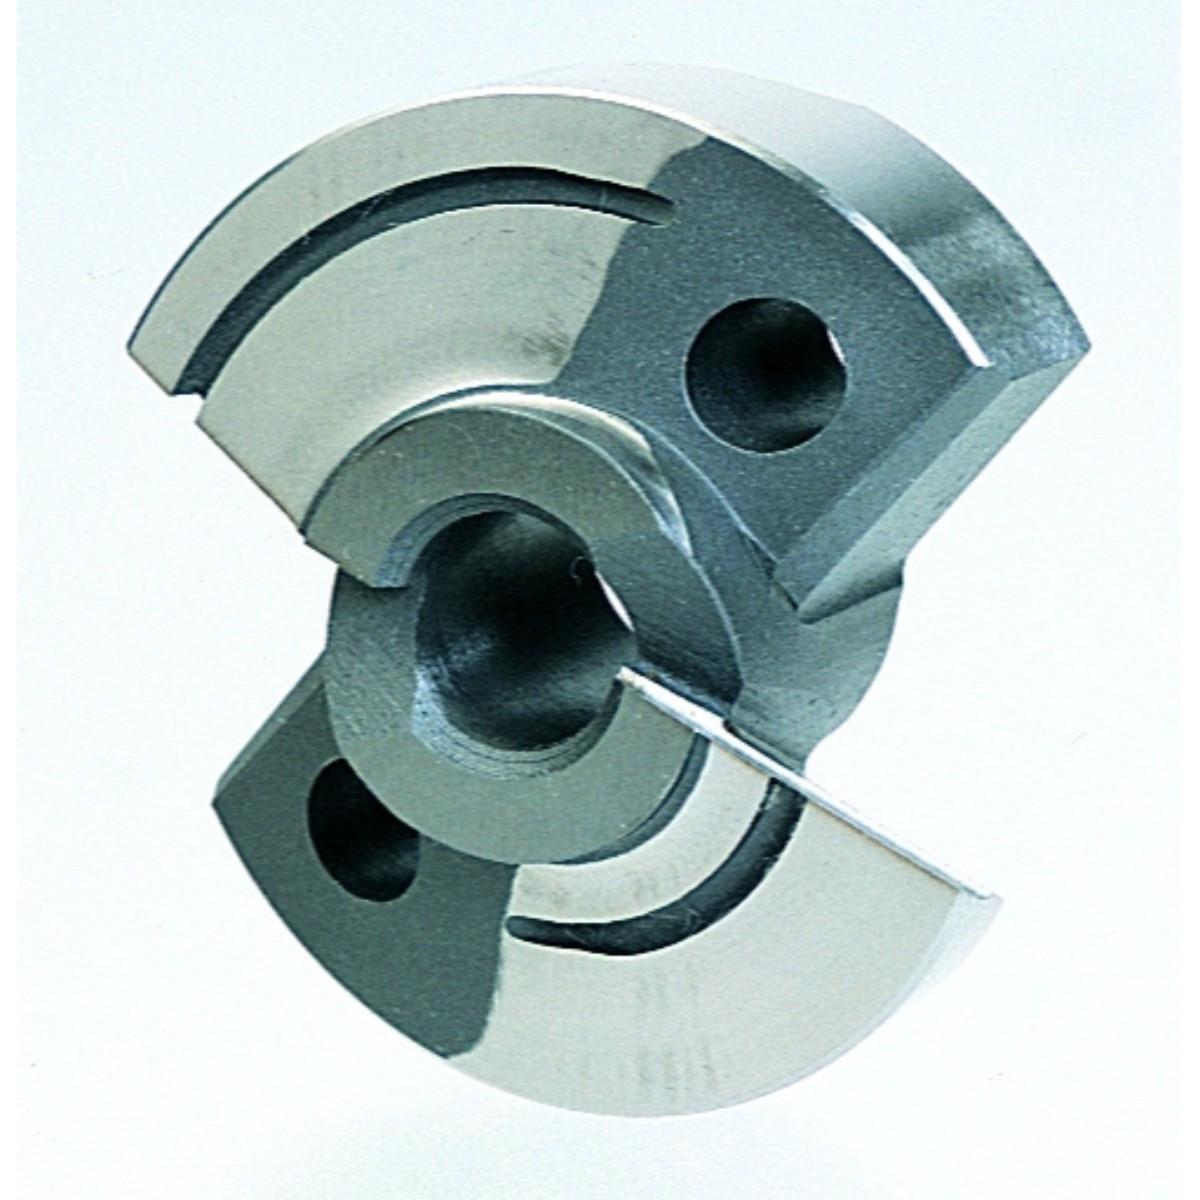 Granlund spiralborskær type 15B ø53 - 65 mm